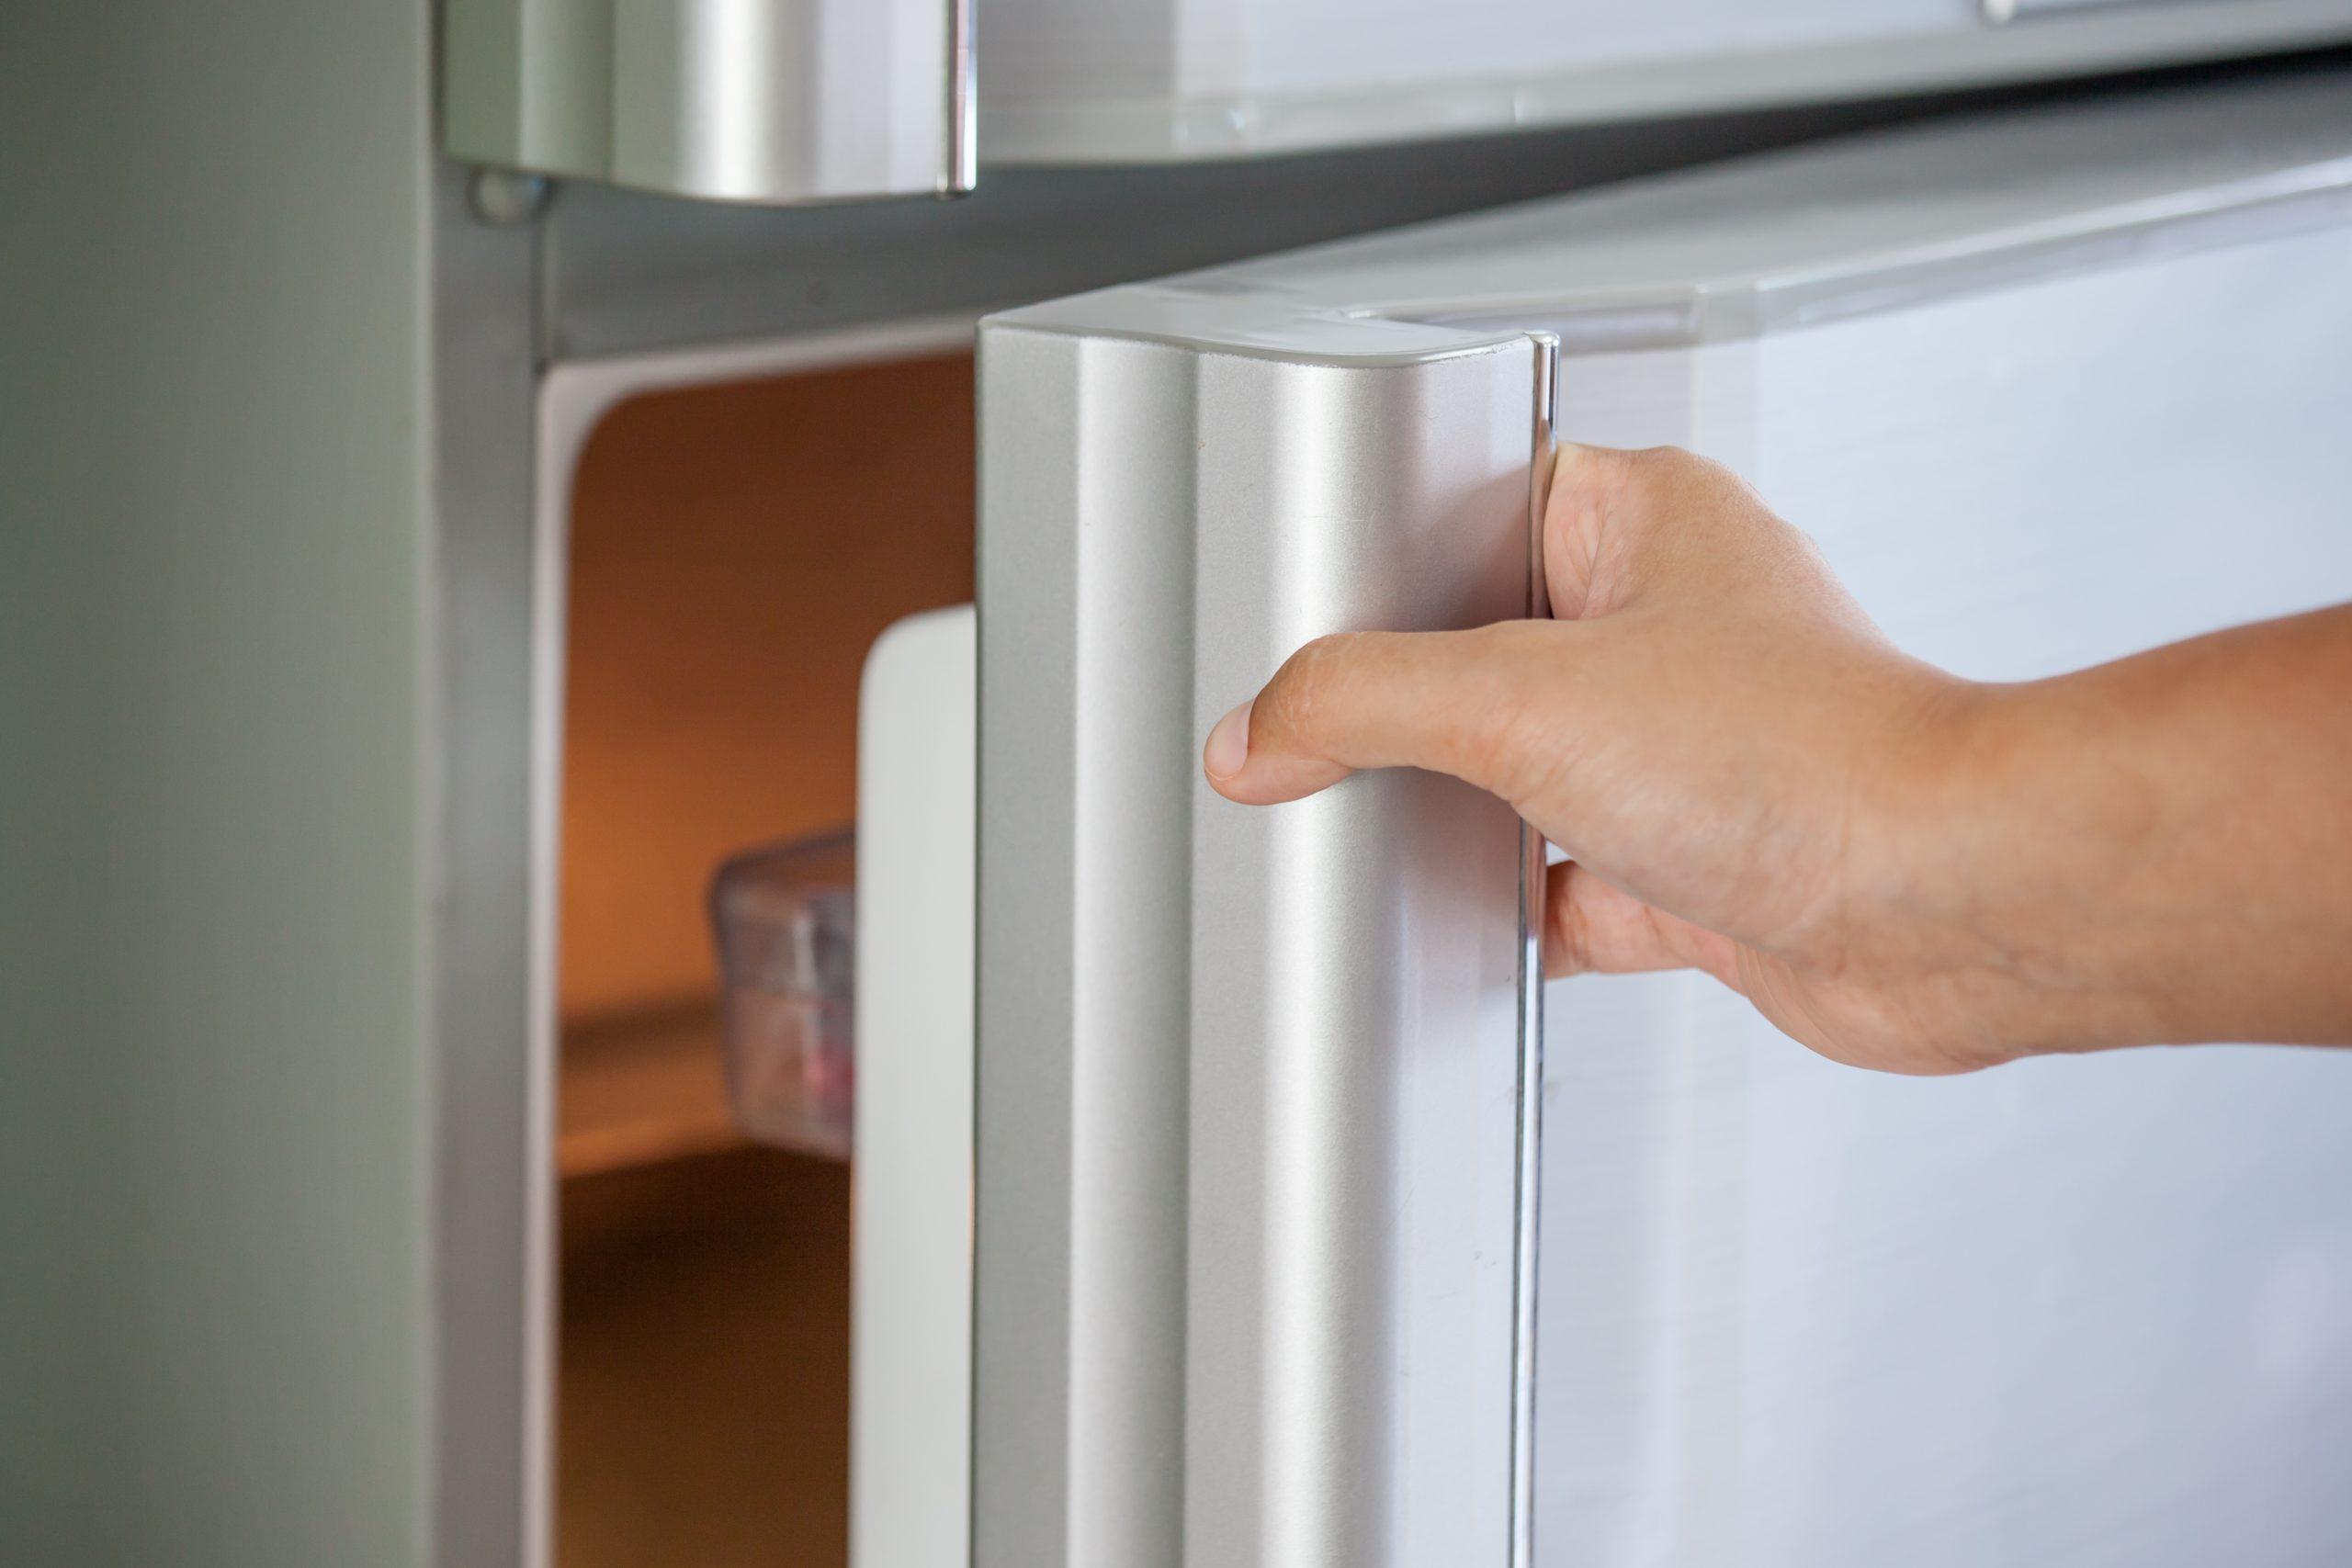 PKM Kühlschrank: Test & Empfehlungen (05/21)